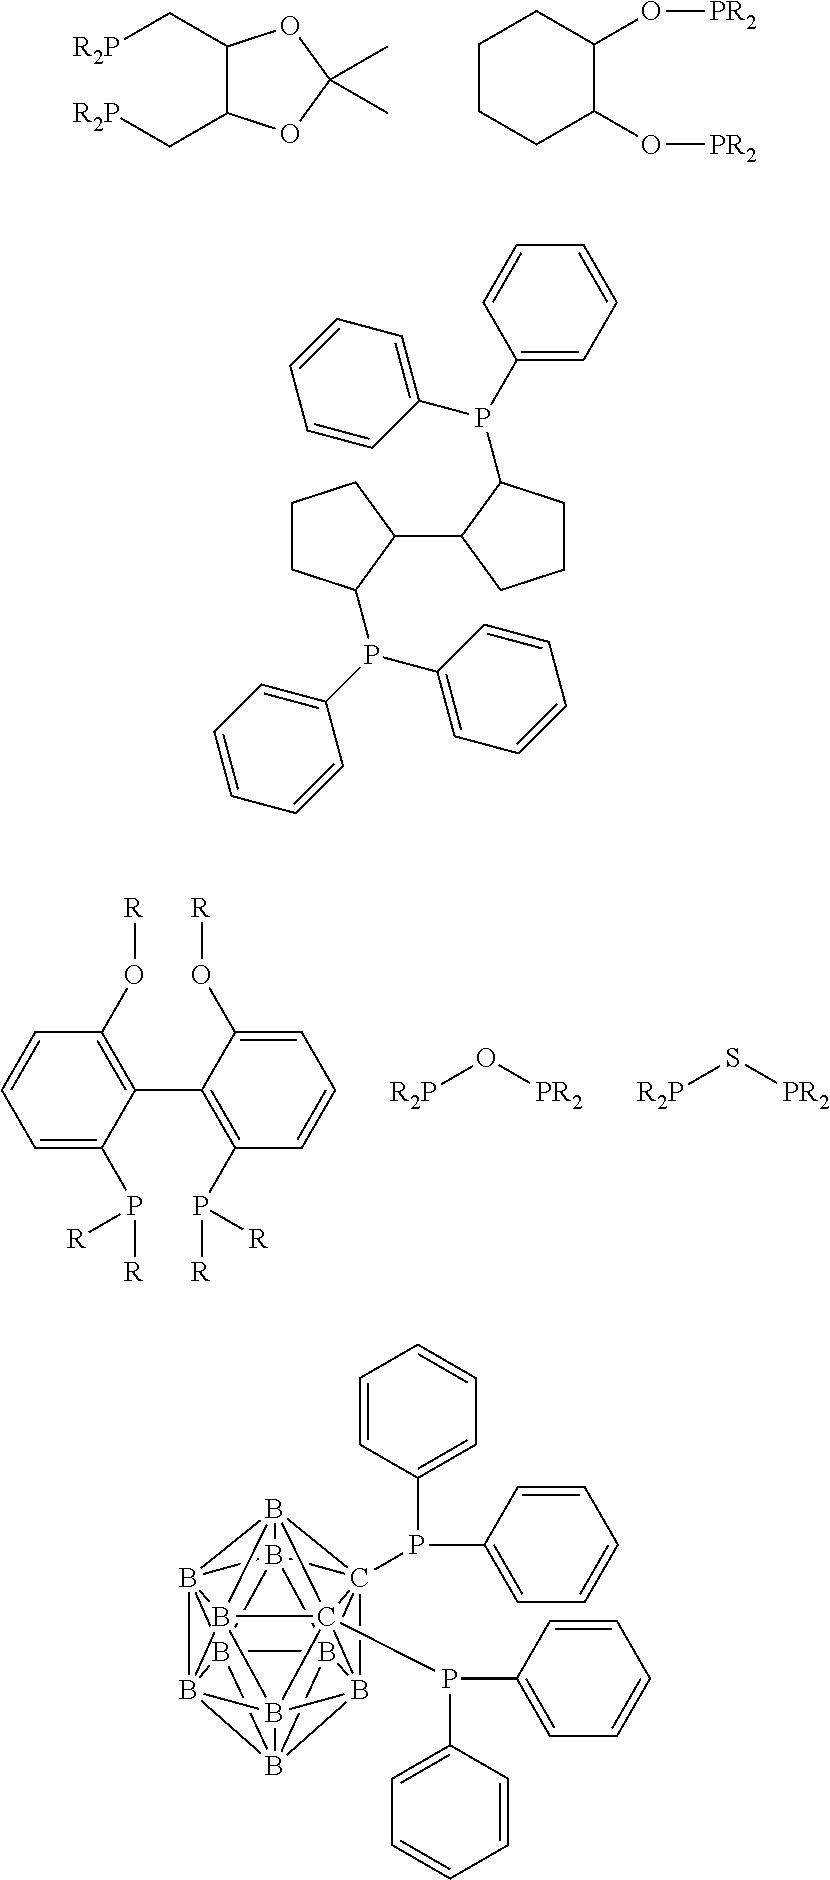 Figure US20160043332A1-20160211-C00013